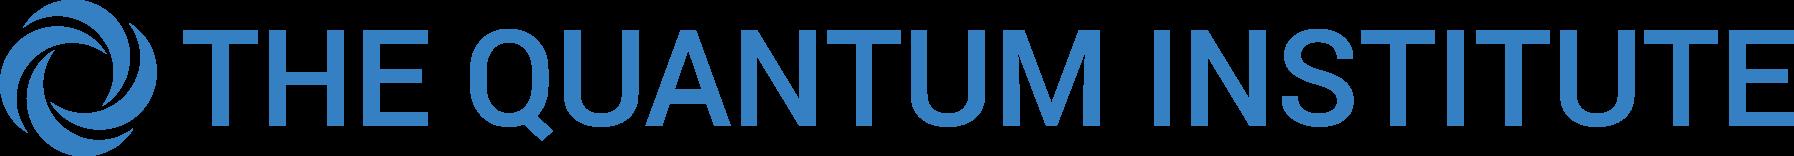 The-quantum-institute-roboto-blue-v1-1